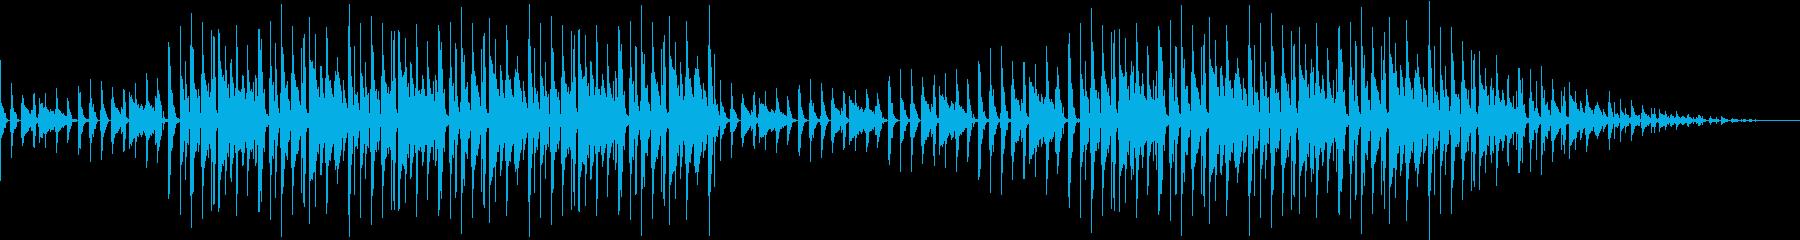 ノリが良くて爽やかなディスコサウンドの再生済みの波形